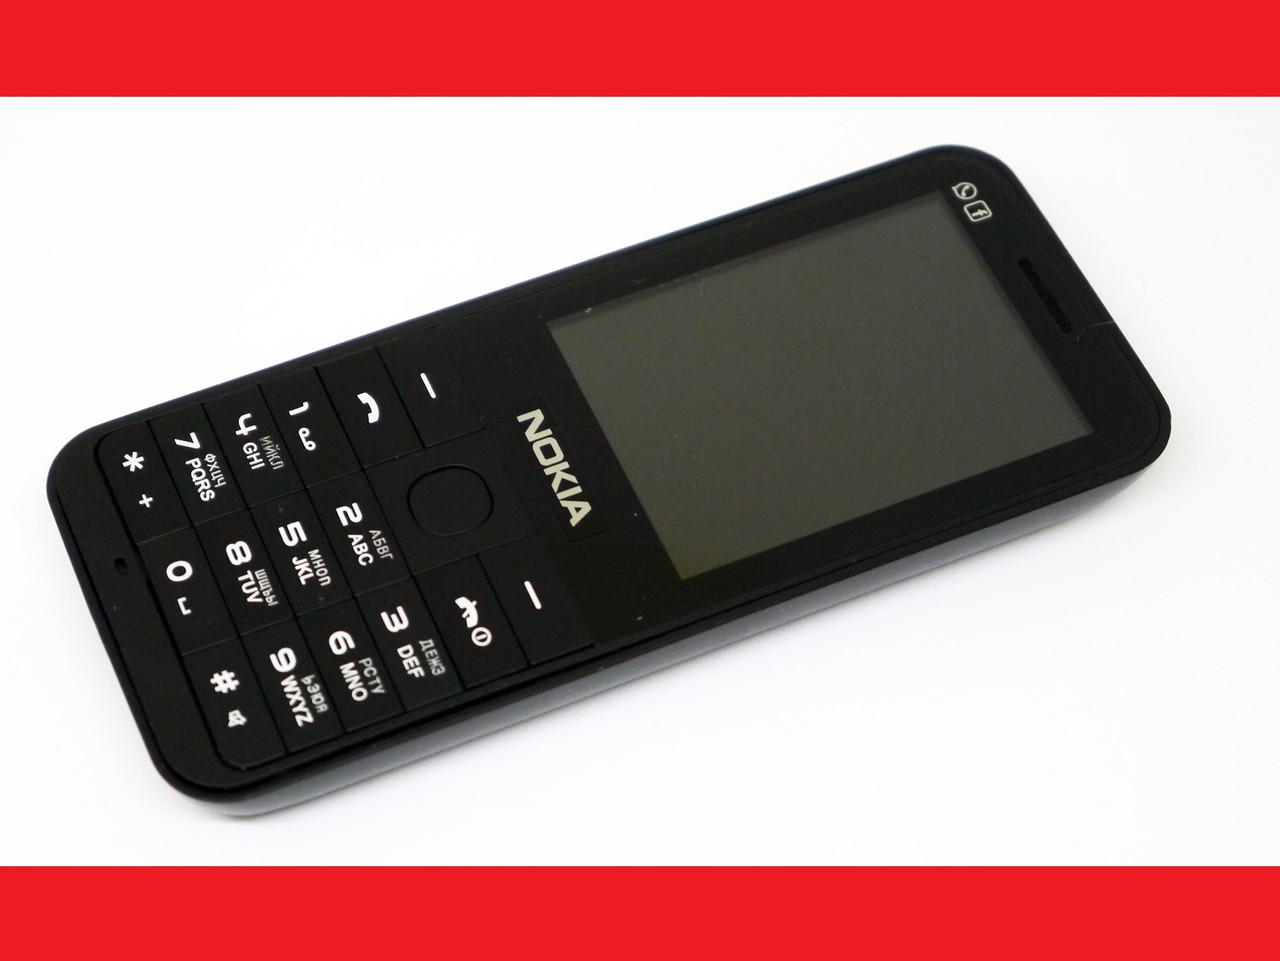 Телефон Nokia 220 Черный - 2Sim + Camera + FM